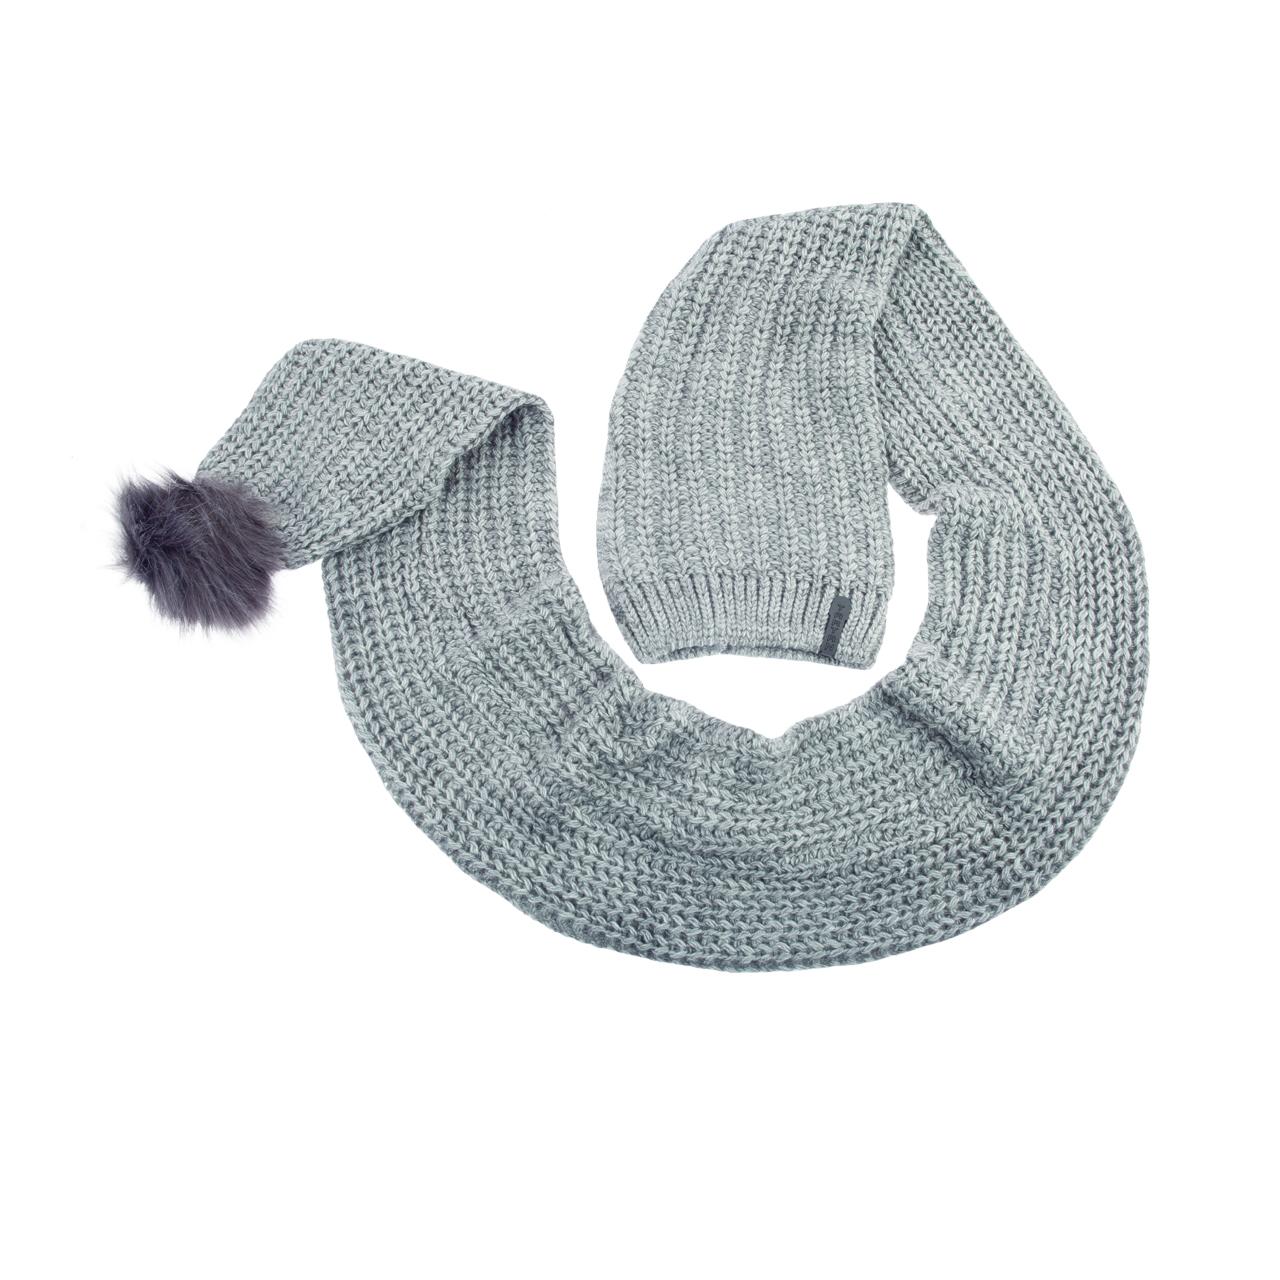 کلاه بافتنی مردانه تارتن کد 2704 رنگ طوسی روشن